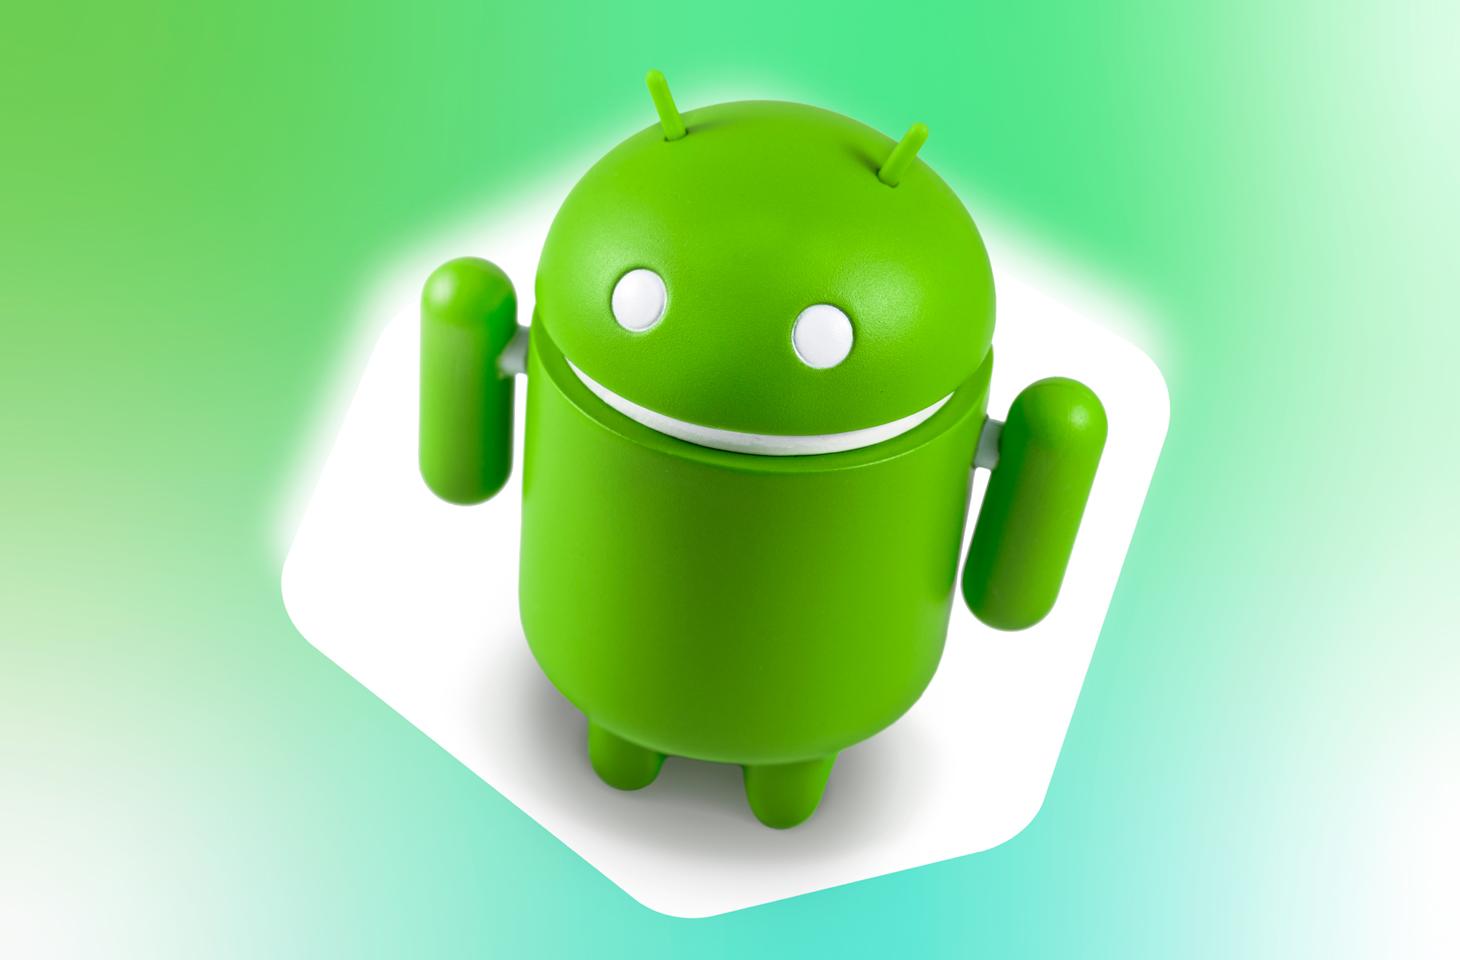 """Болельщики """"Челси"""" скачивают приложения с сайта Top-Android.org"""